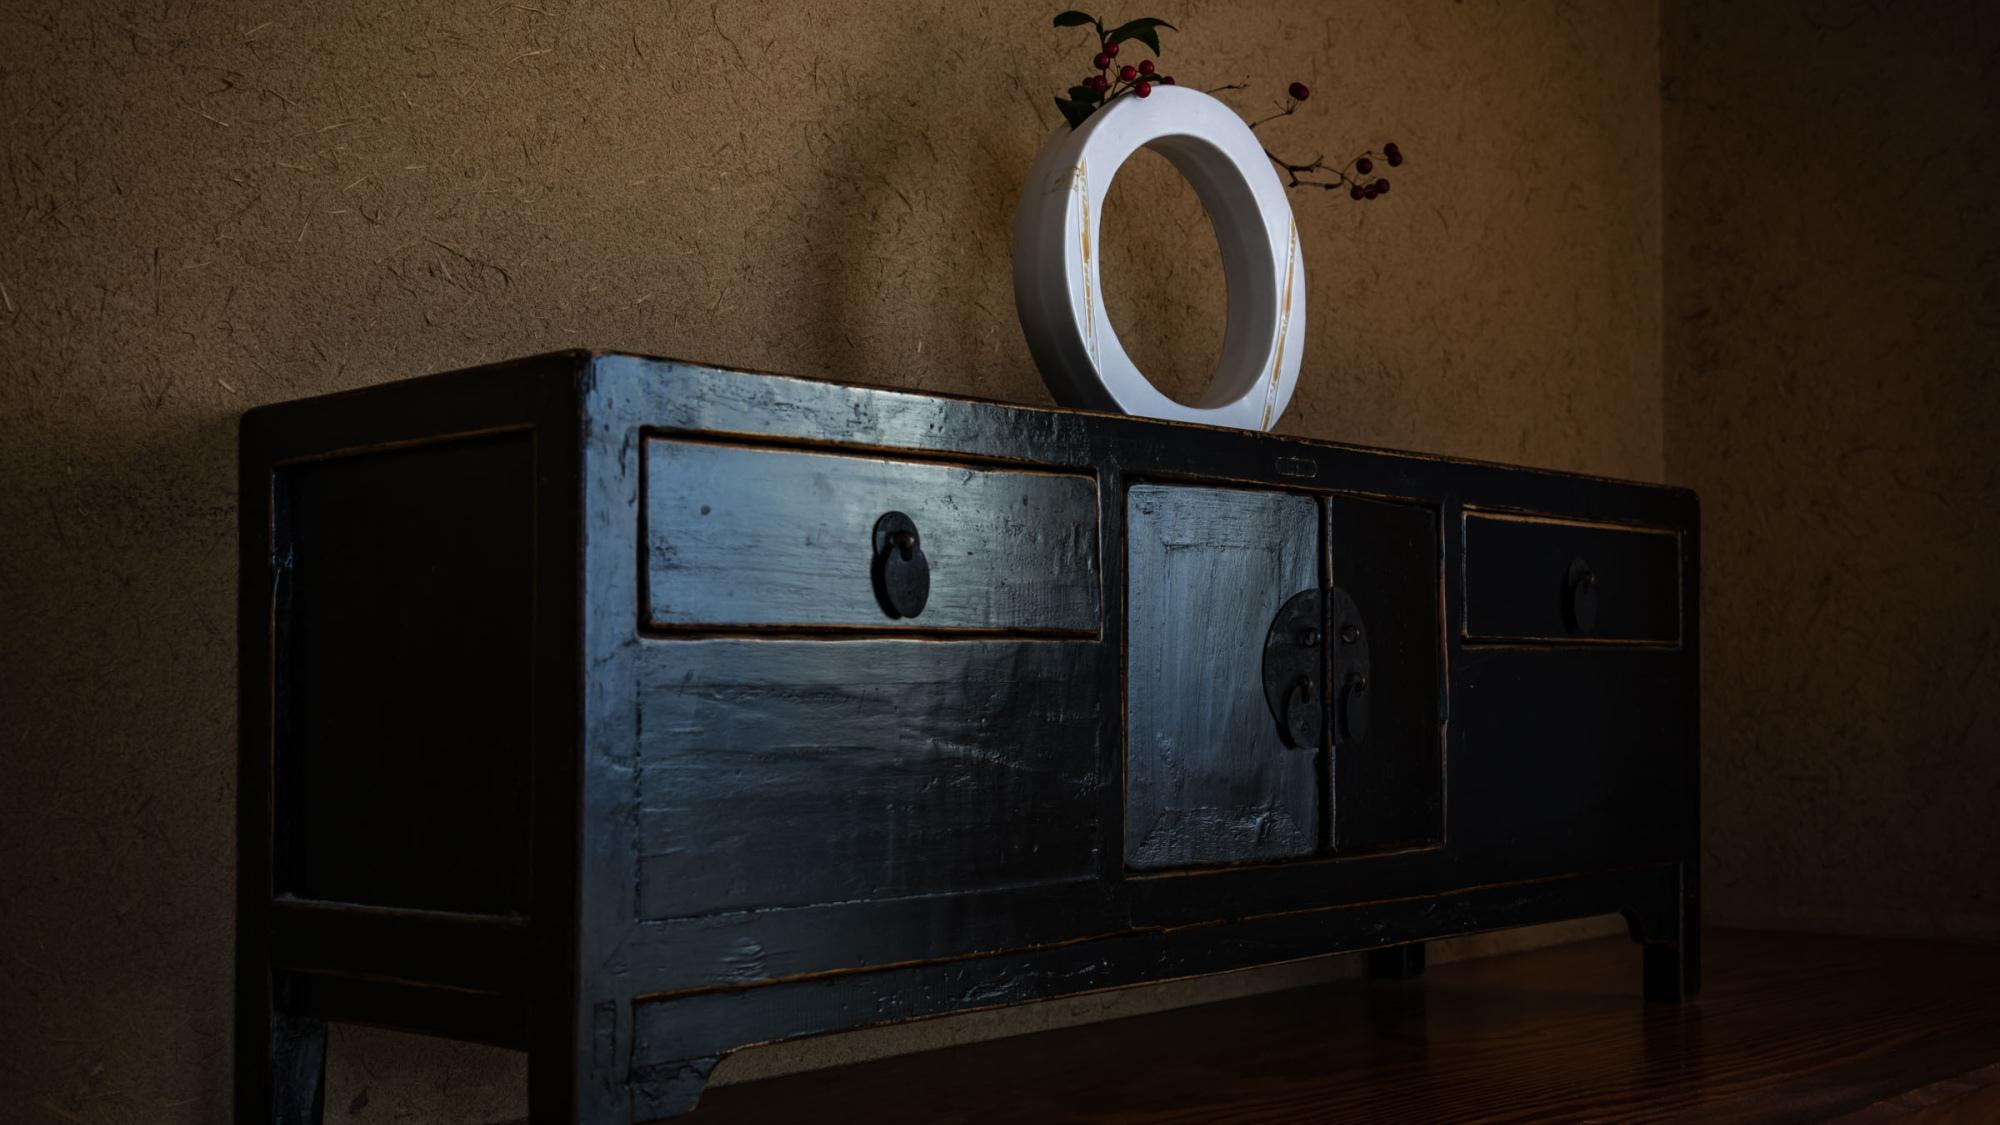 【本館/調度品】明朝家具や李朝家具と、お部屋によって意匠の異なる客室の調度品